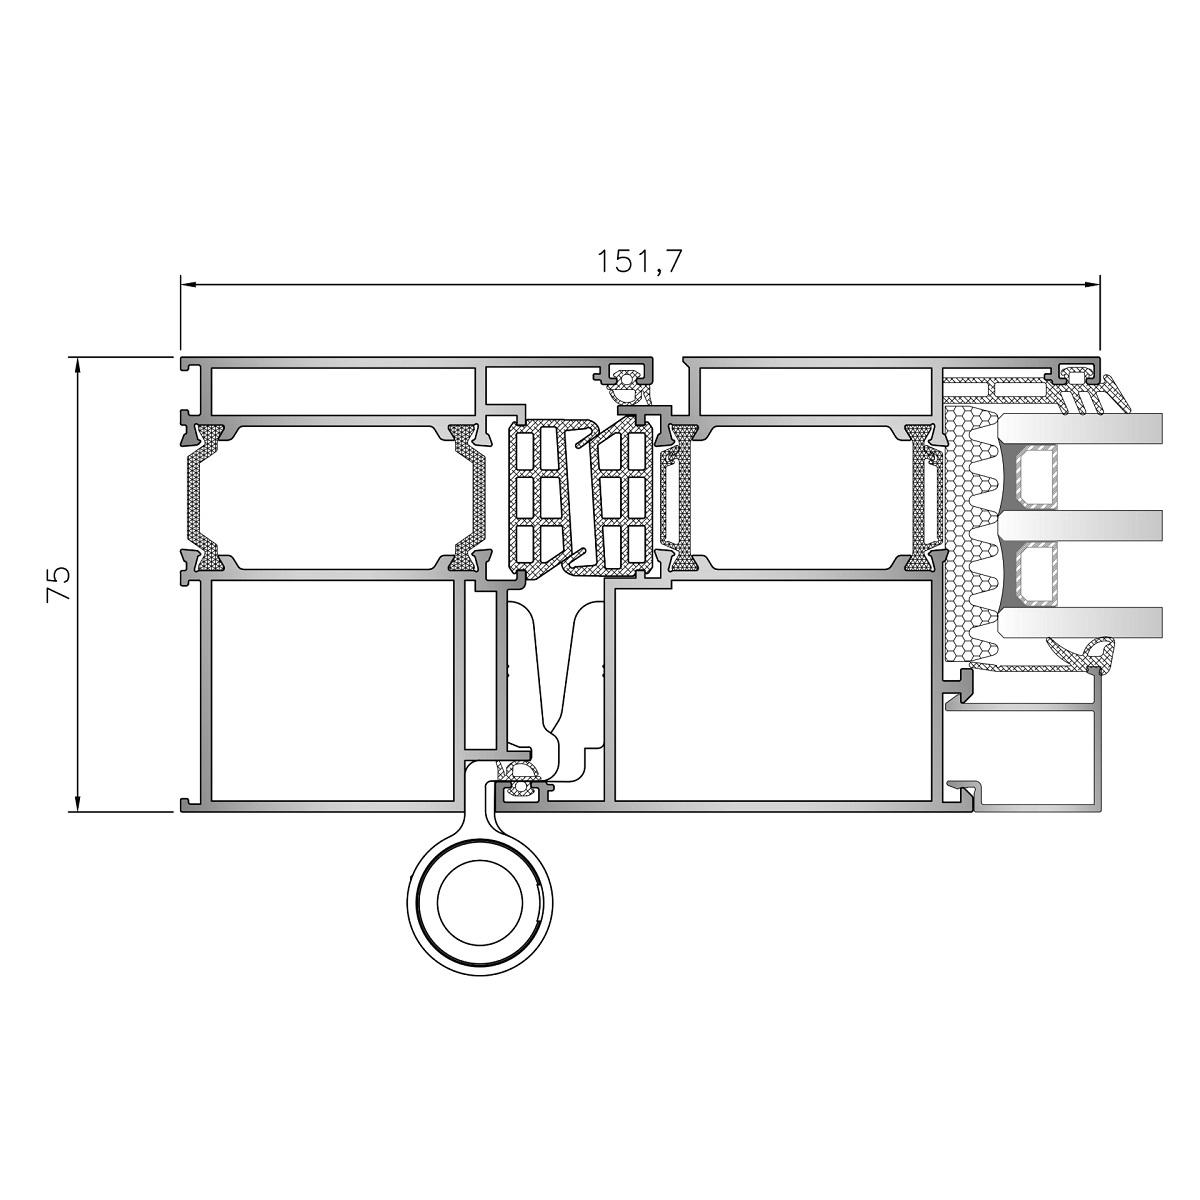 Inoform-F75-door-Frame-section